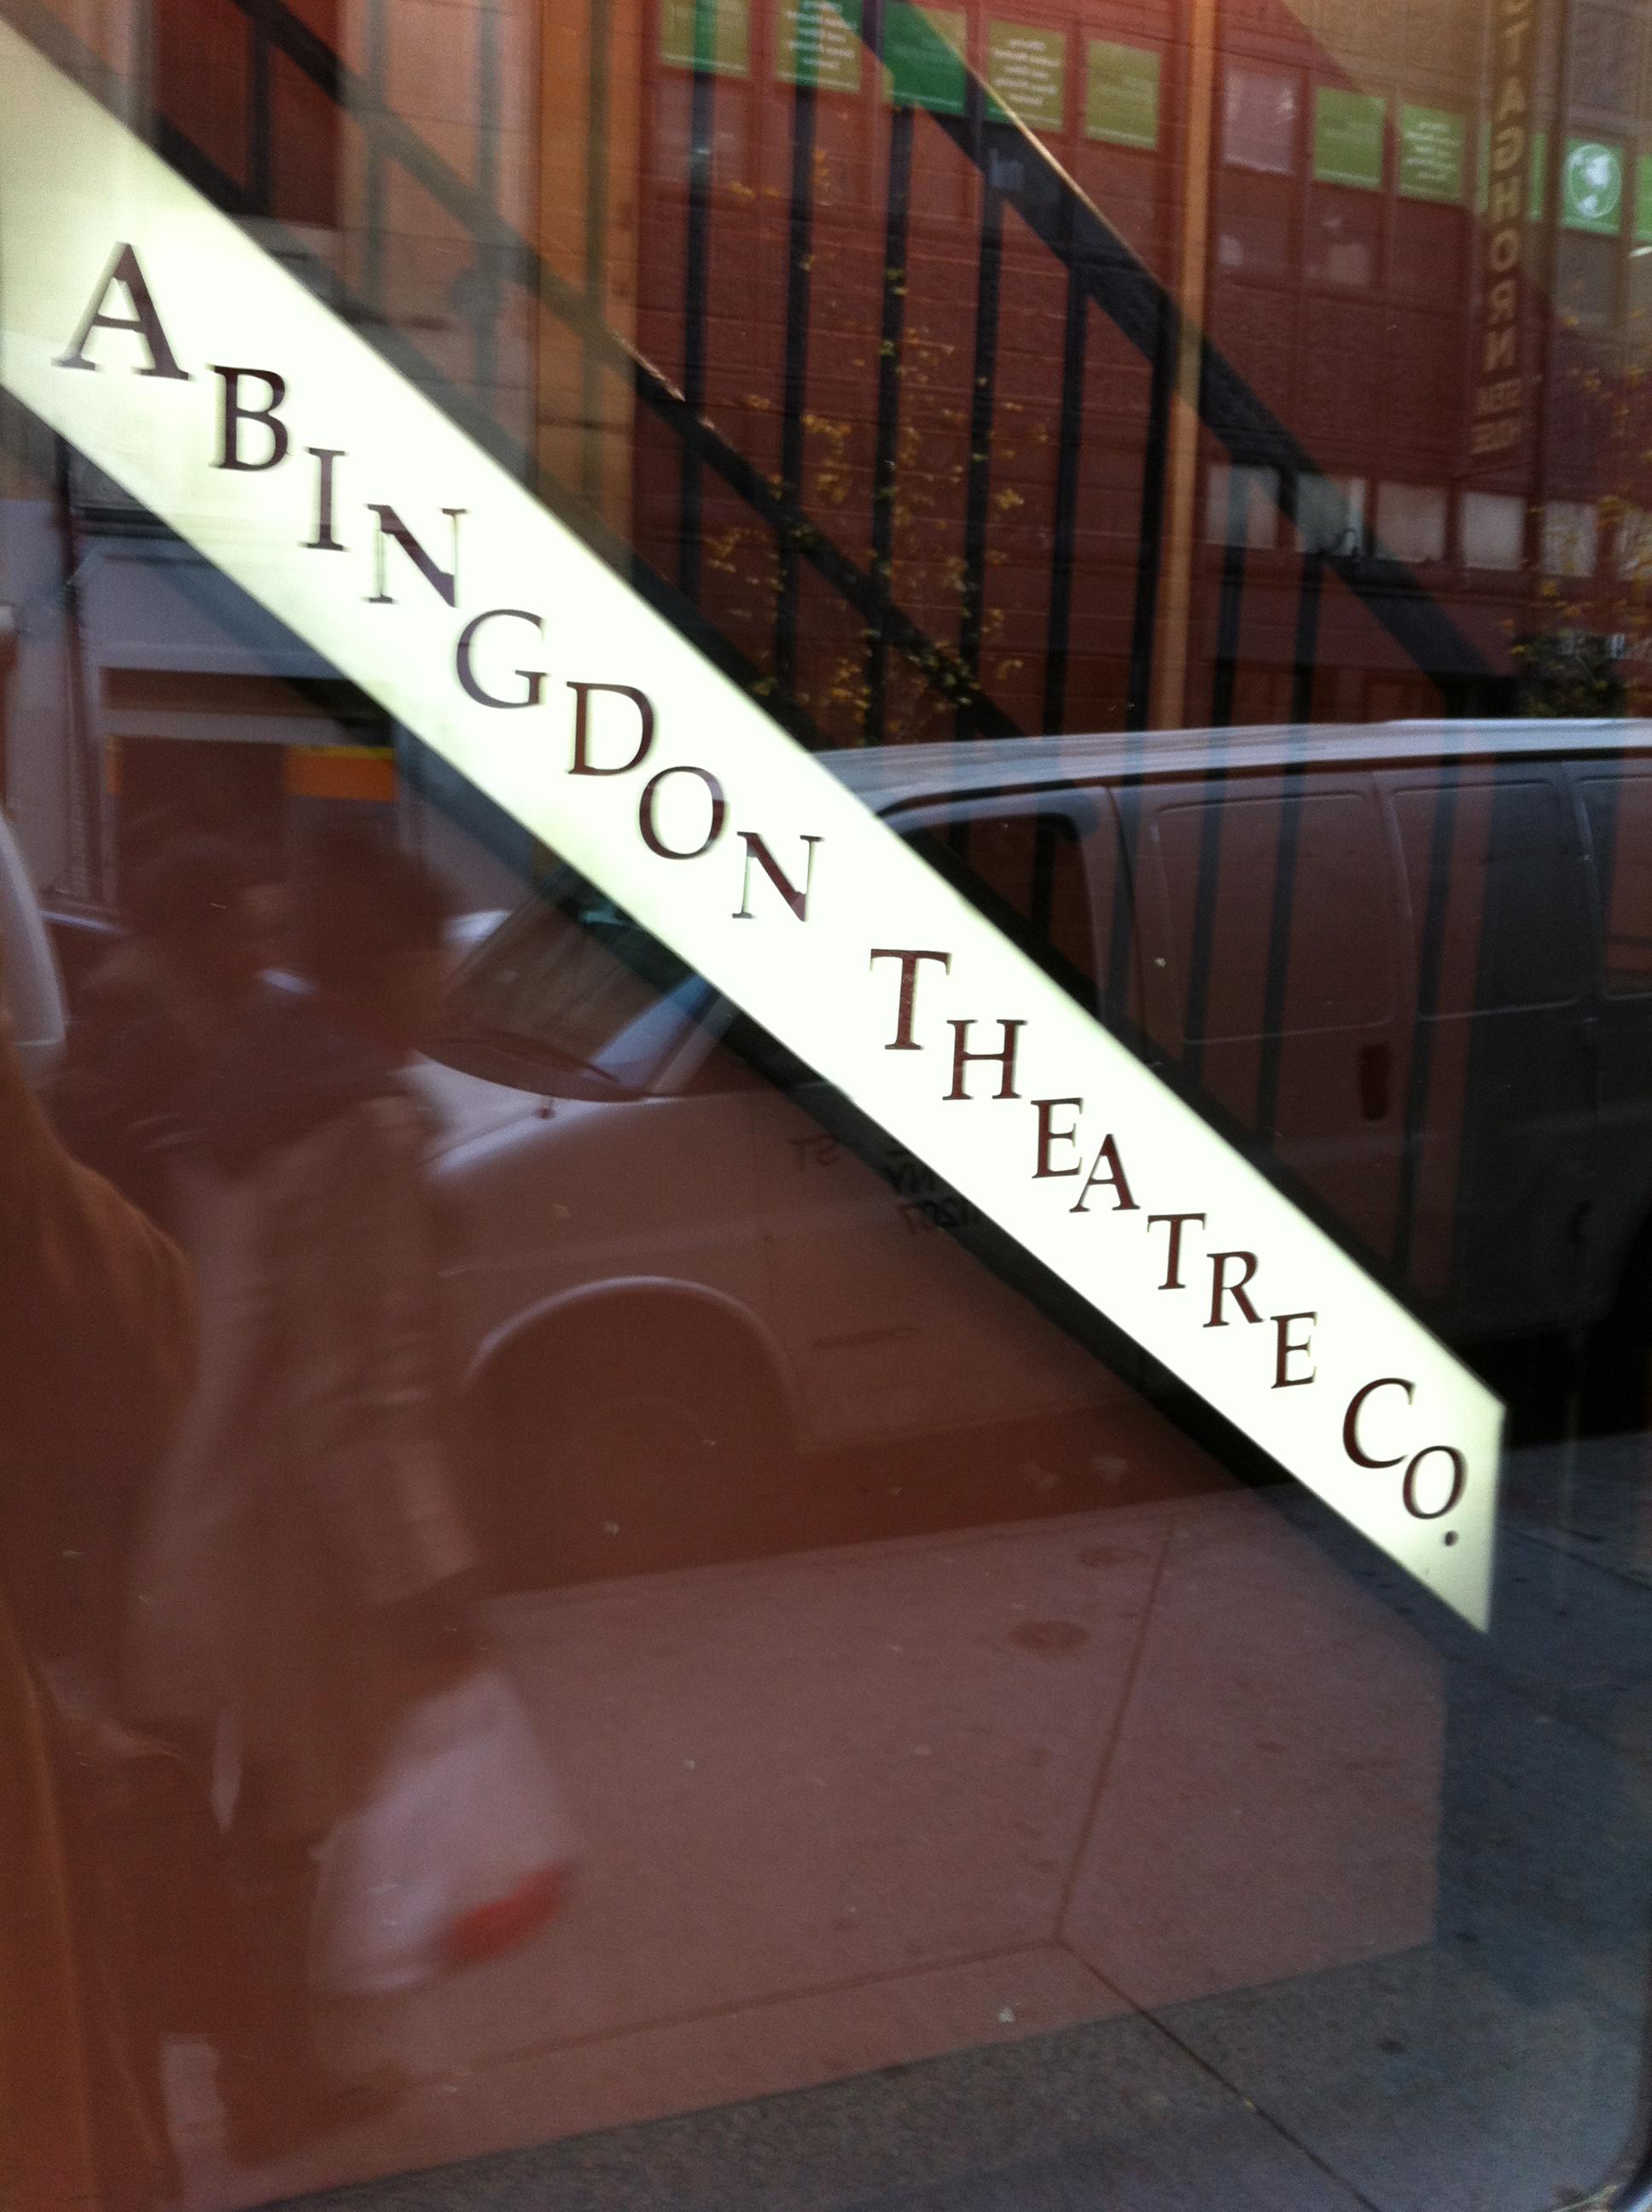 abingdon 1.jpg